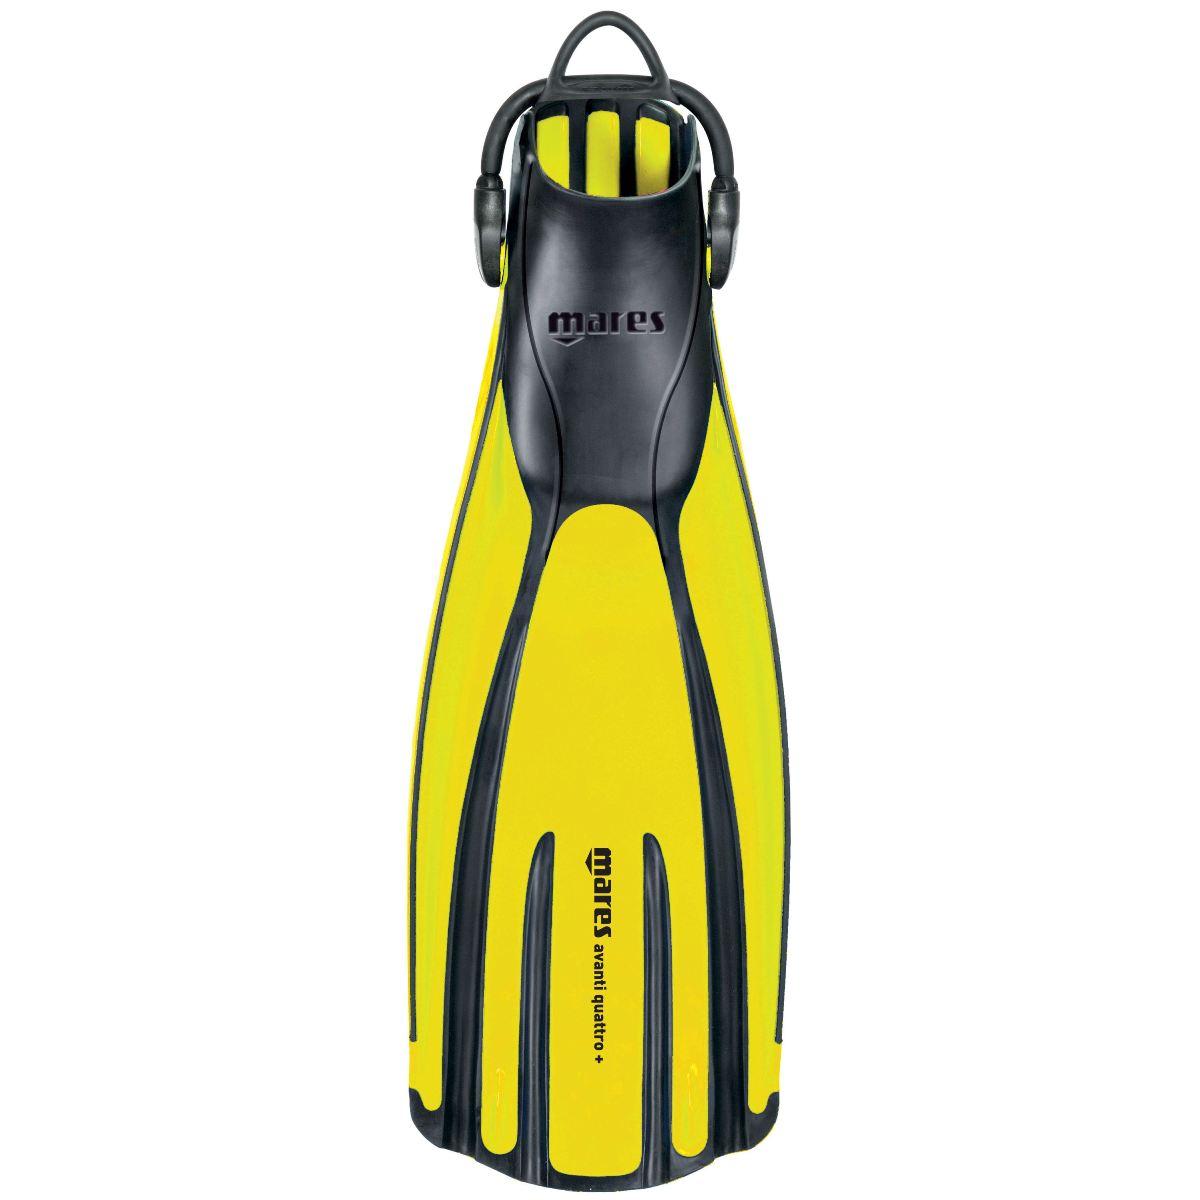 Водолазни плавници AVANTI QUATTRO PLUS Yellow - Mares